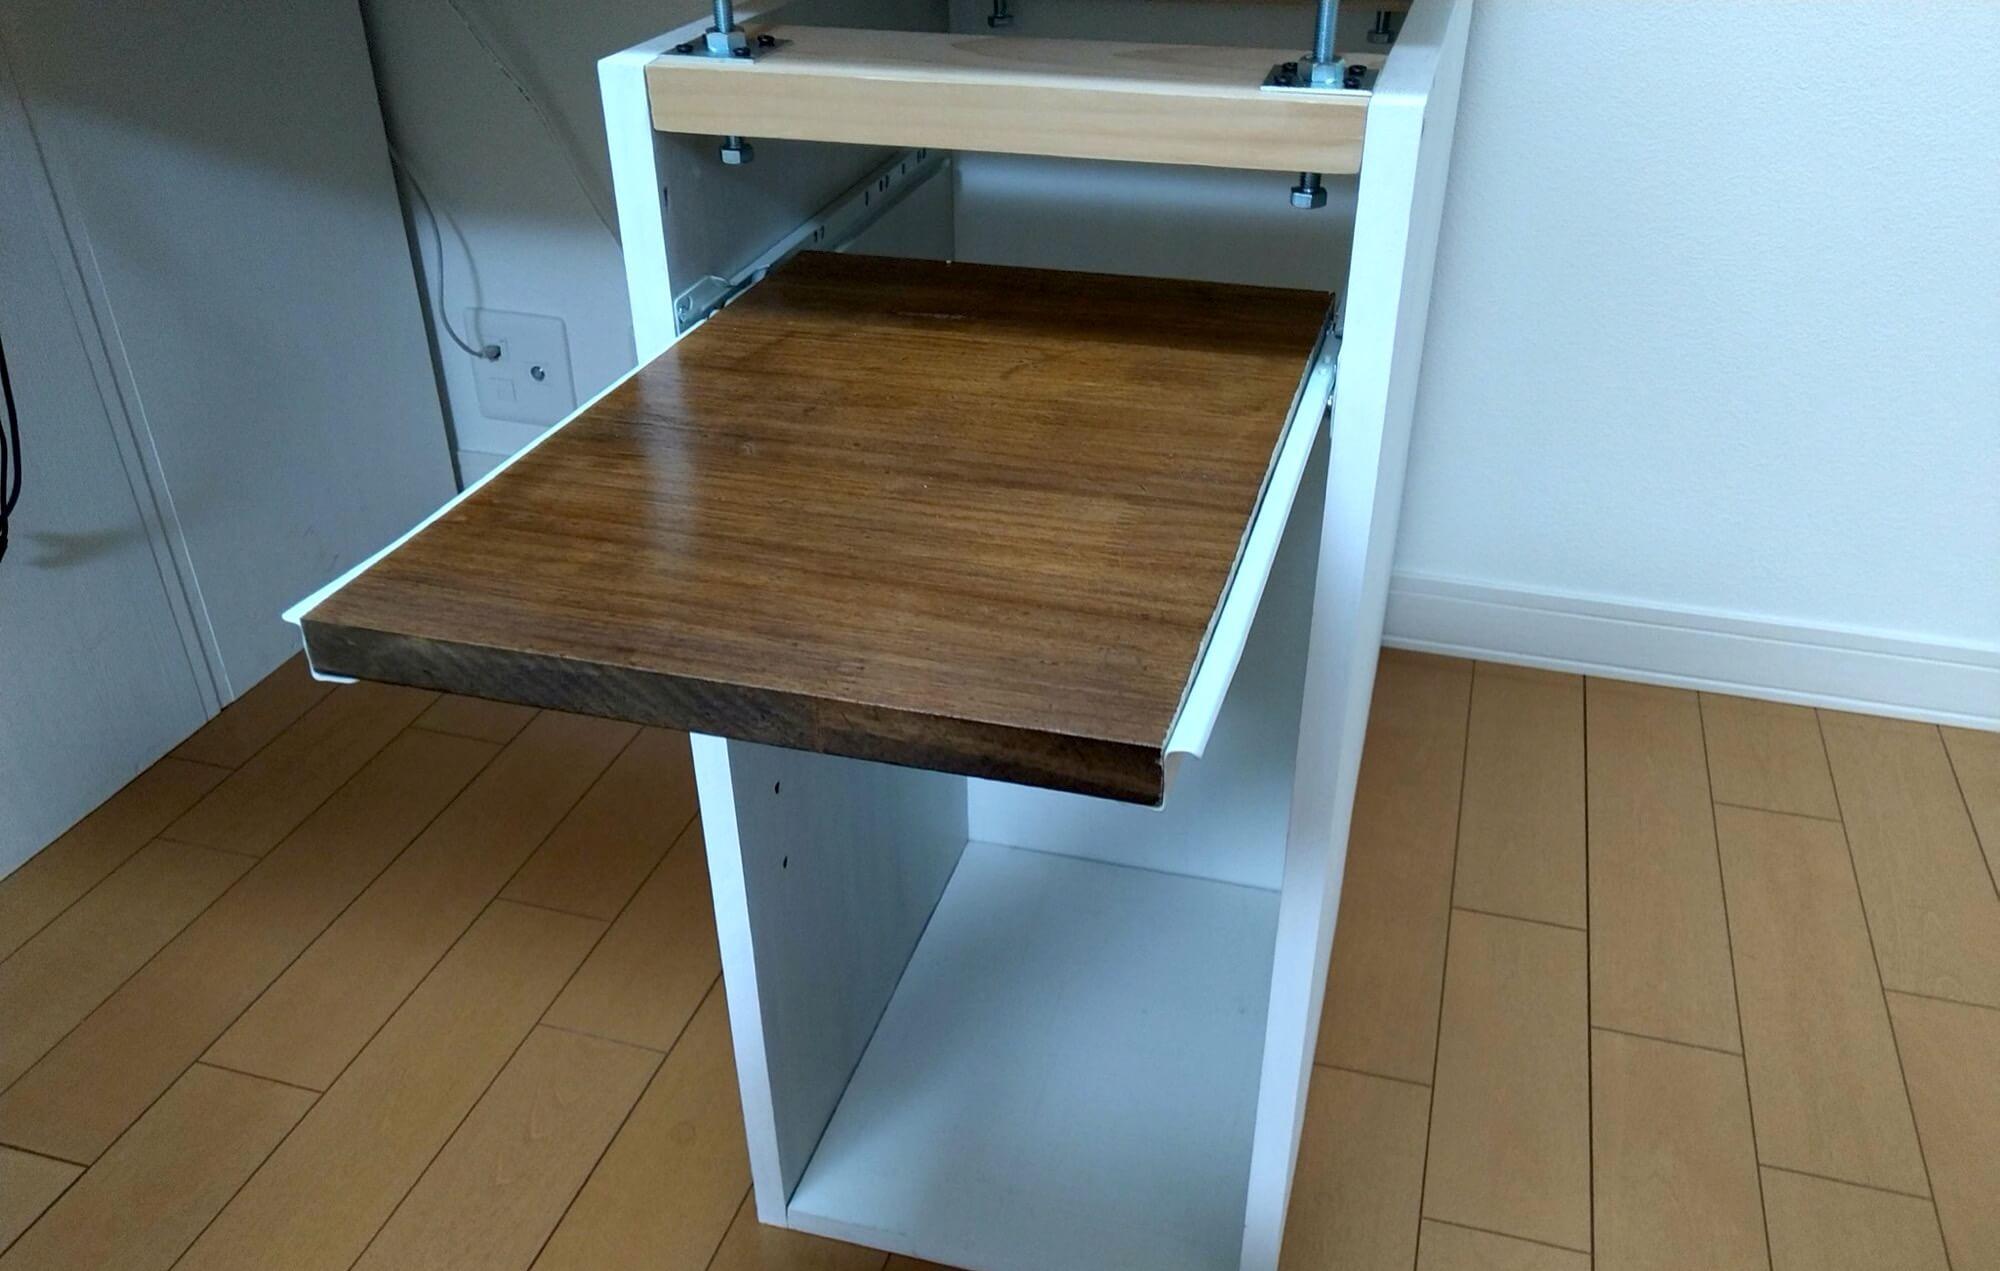 自作テーブルにスライドレールで引き出しを取り付けました/モニター&ノートPC用アームとダイソーのスマホホルダーで机を快適に